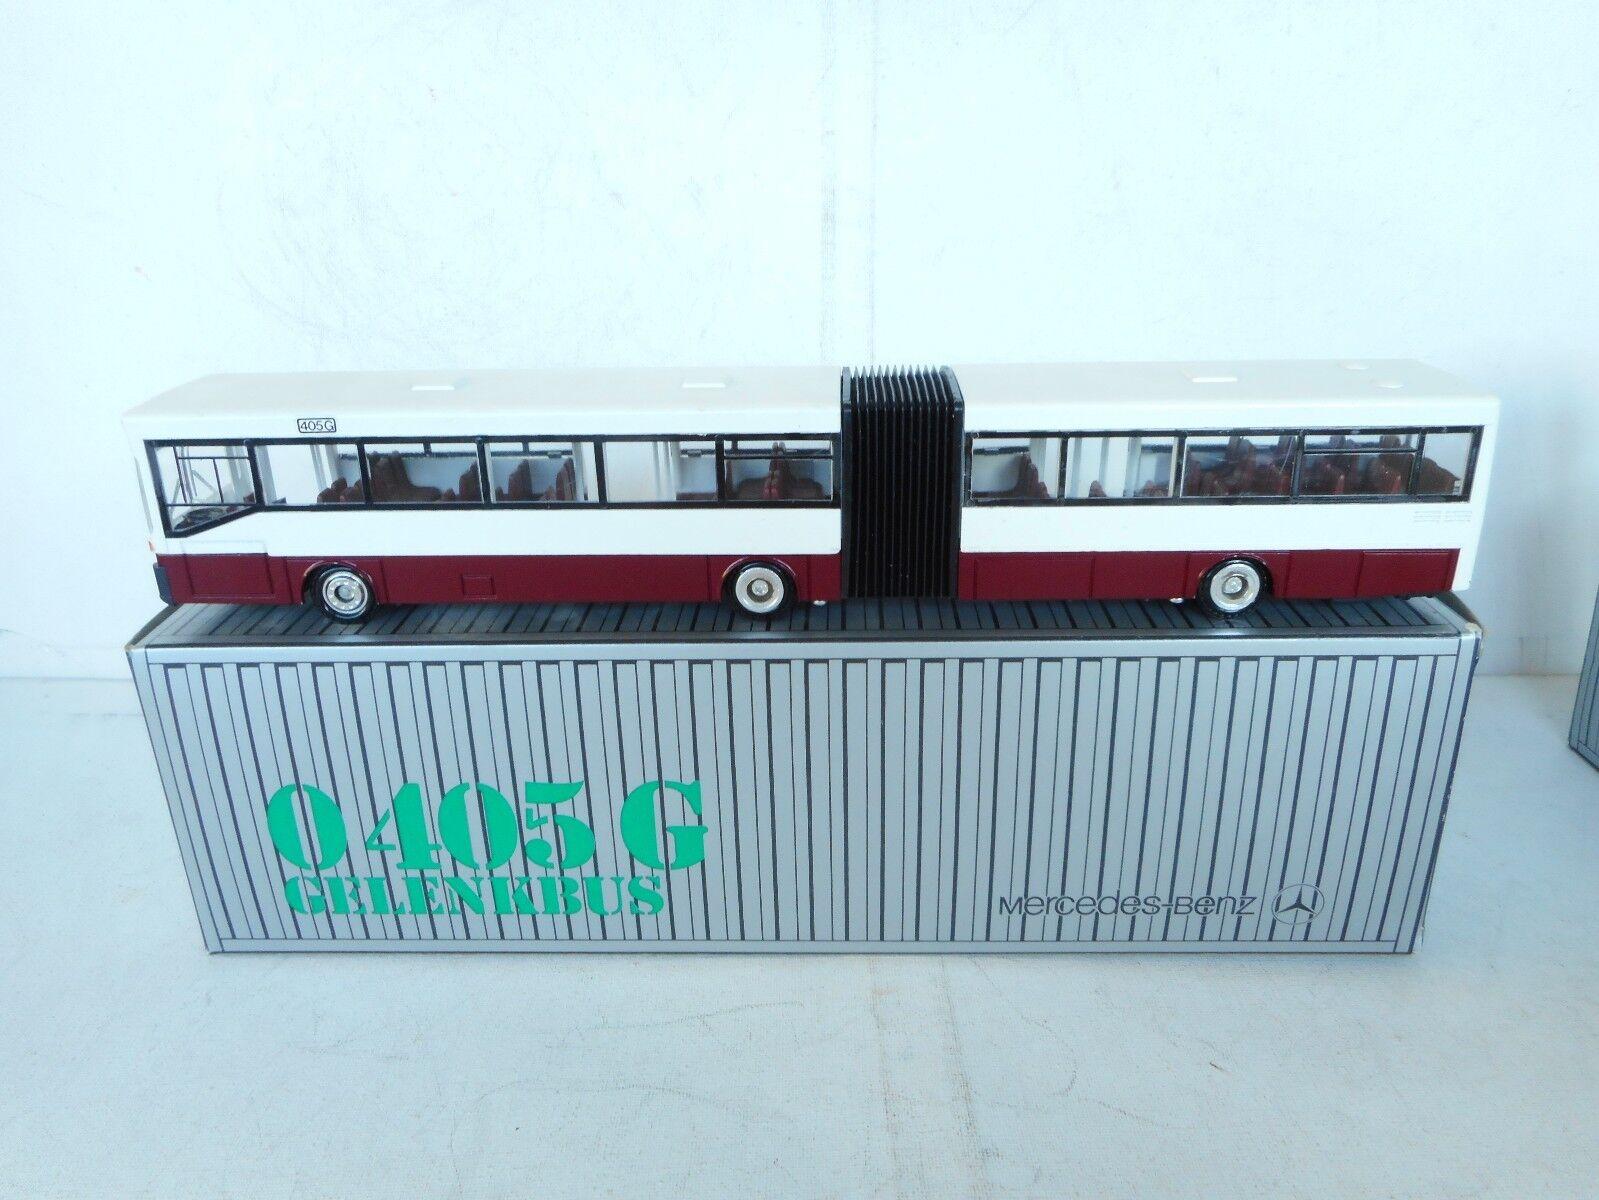 1:50  Conrad  Mercedes Schubgelenkbus-0 405 G Bus Marktplatz Rojo 1:50 N M  Box